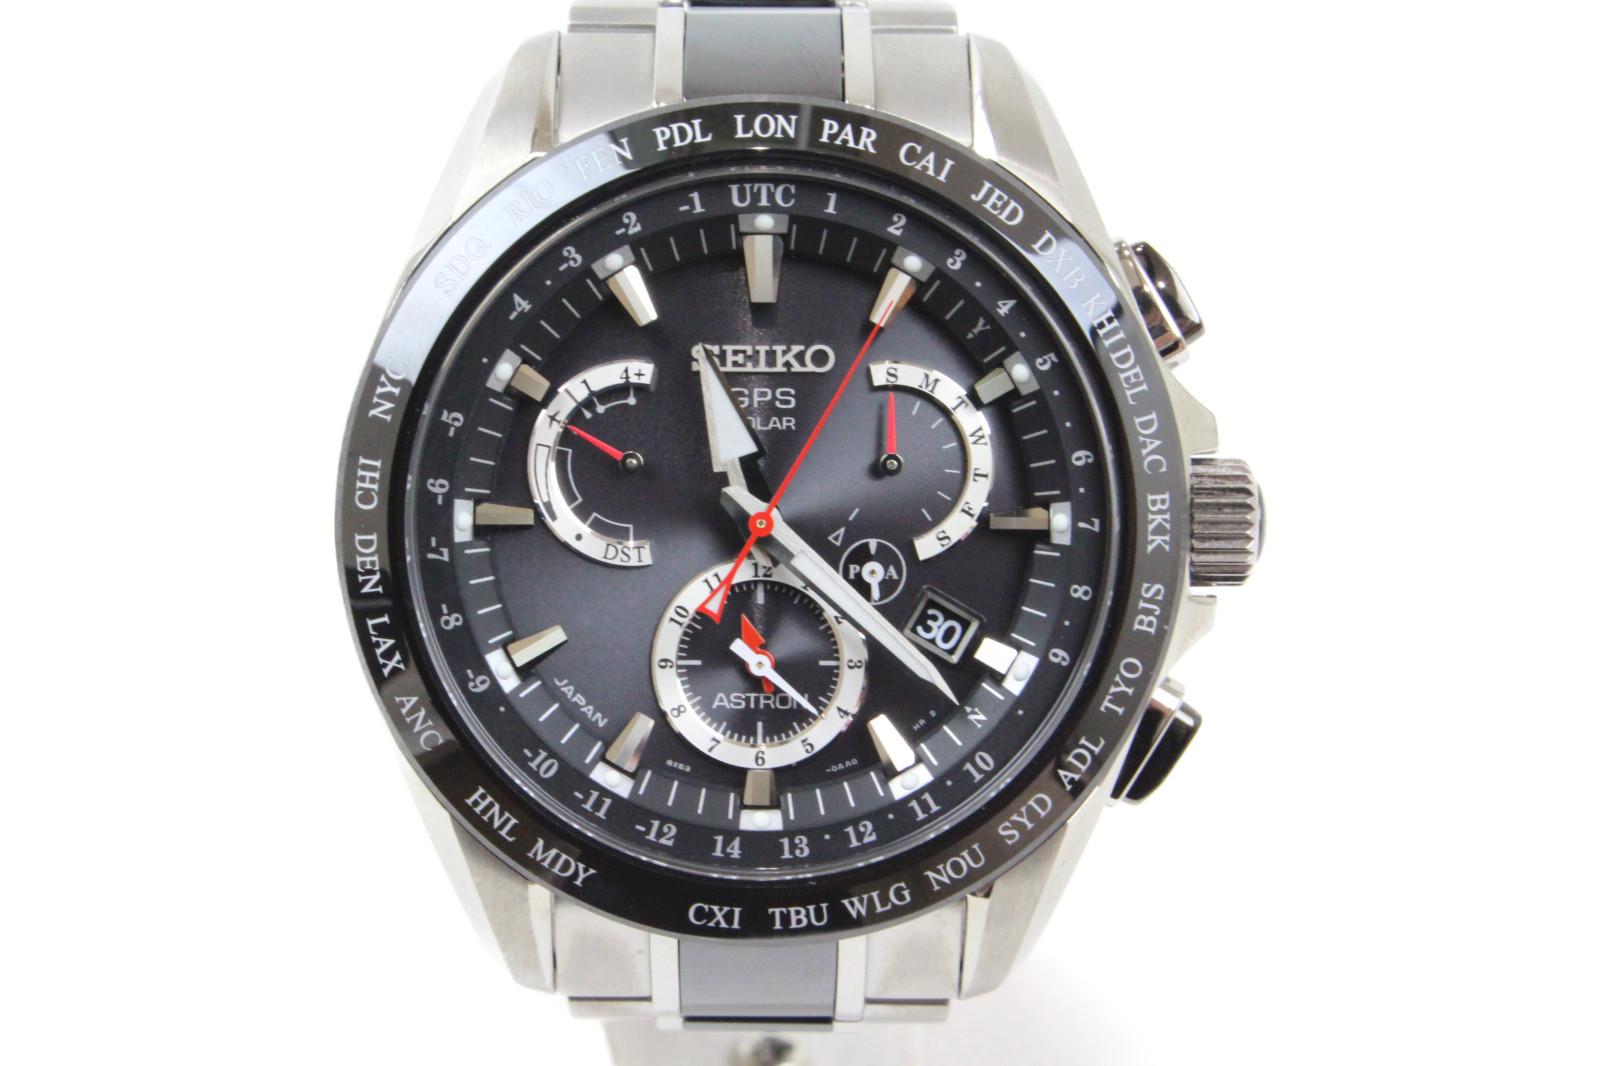 SEIKO セイコー アストロン 8Xシリーズデュアルタイム 8X53-0AB0-2 ソーラーGPS衛星 クロノグラフ デイト チタン ブラック メンズ 腕時計【中古】